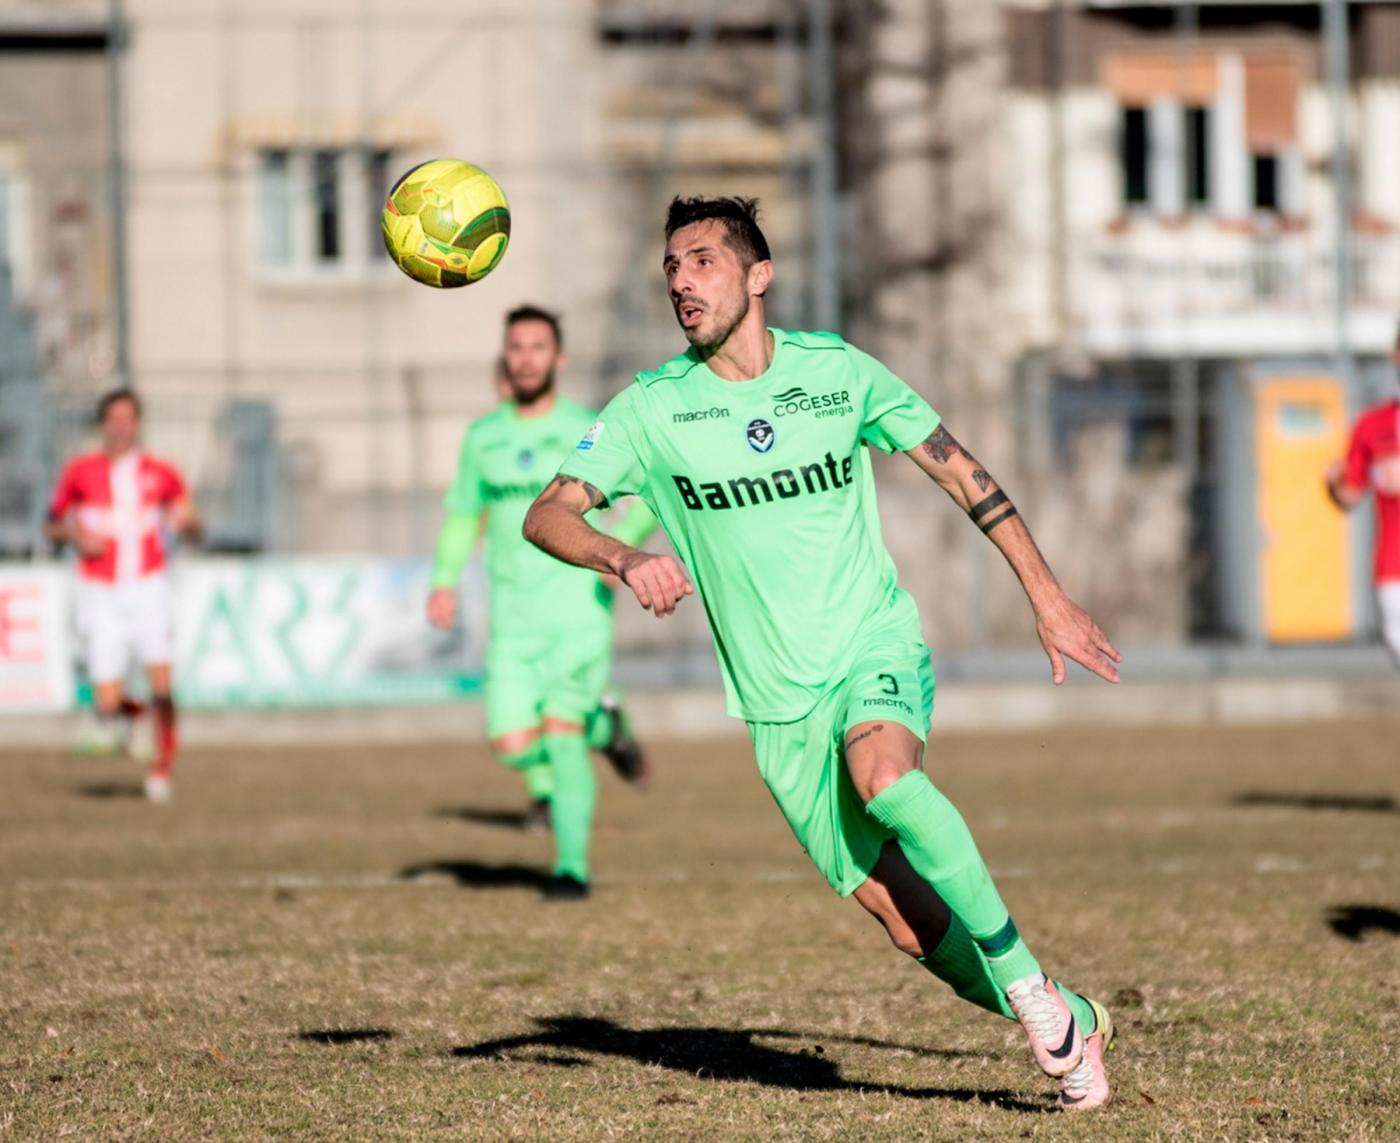 Giana Erminio-Sambenedettese 30 settembre: match della quarta giornata del gruppo B di Serie C. Chi vincerà la sua prima gara stagionale?